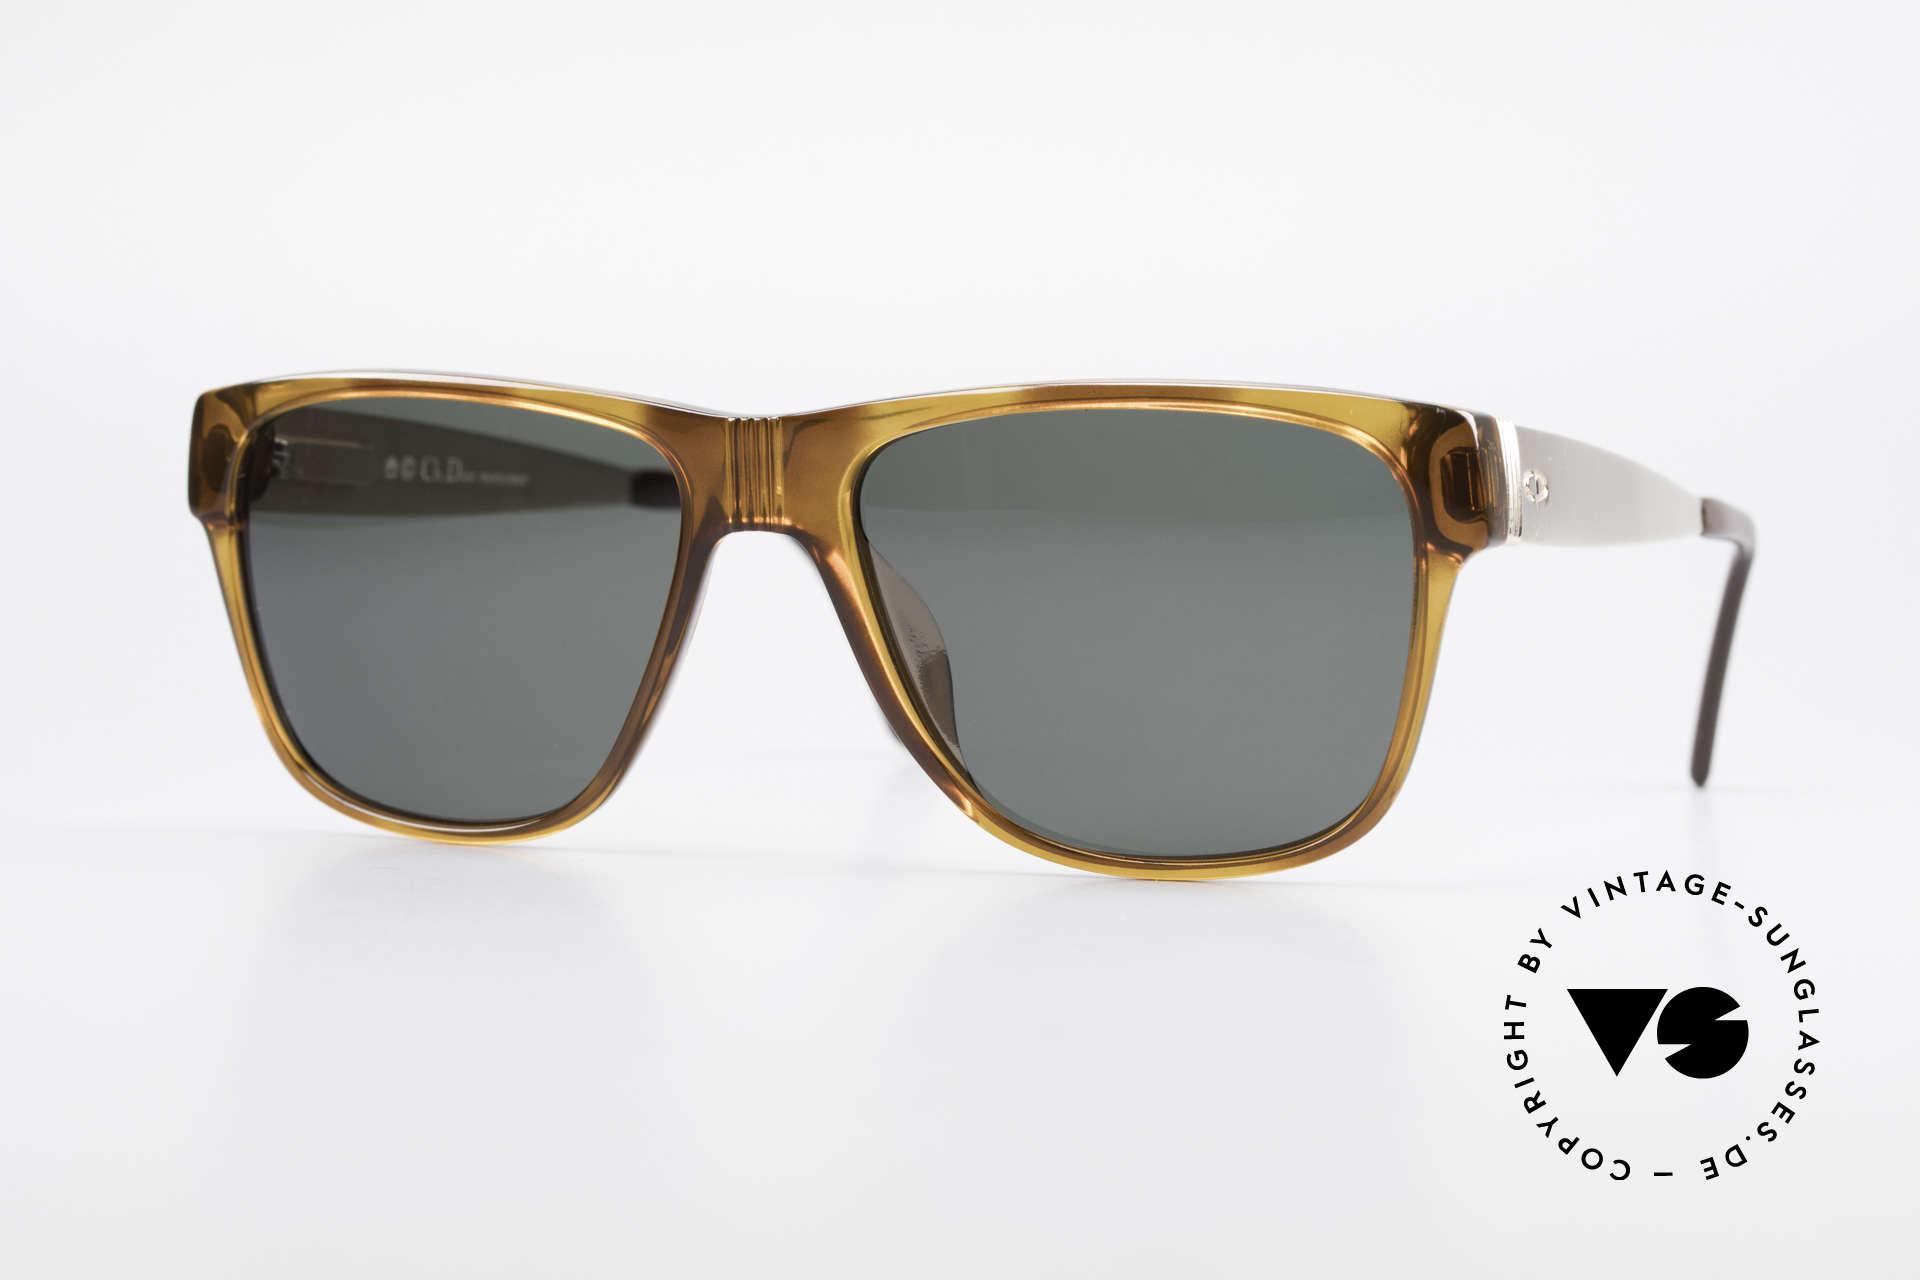 Christian Dior 2406 Vintage Dior Monsieur Serie, Dior vintage Sonnenbrille aus den frühen 1980ern, Passend für Herren